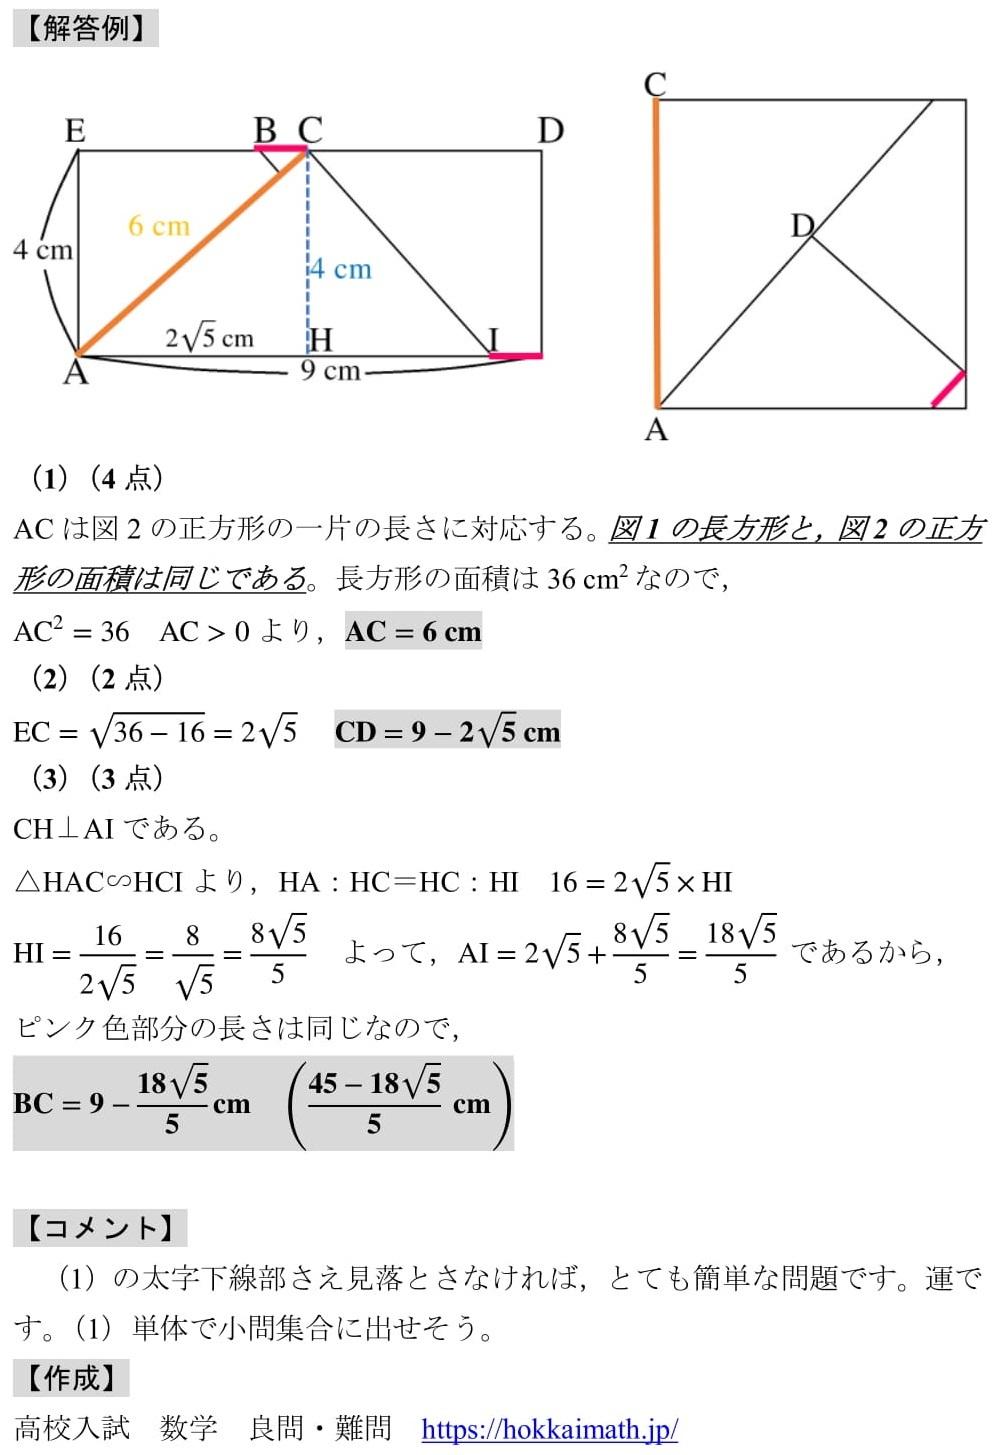 1998 筑駒 高校入試 平面図形 解答 解説